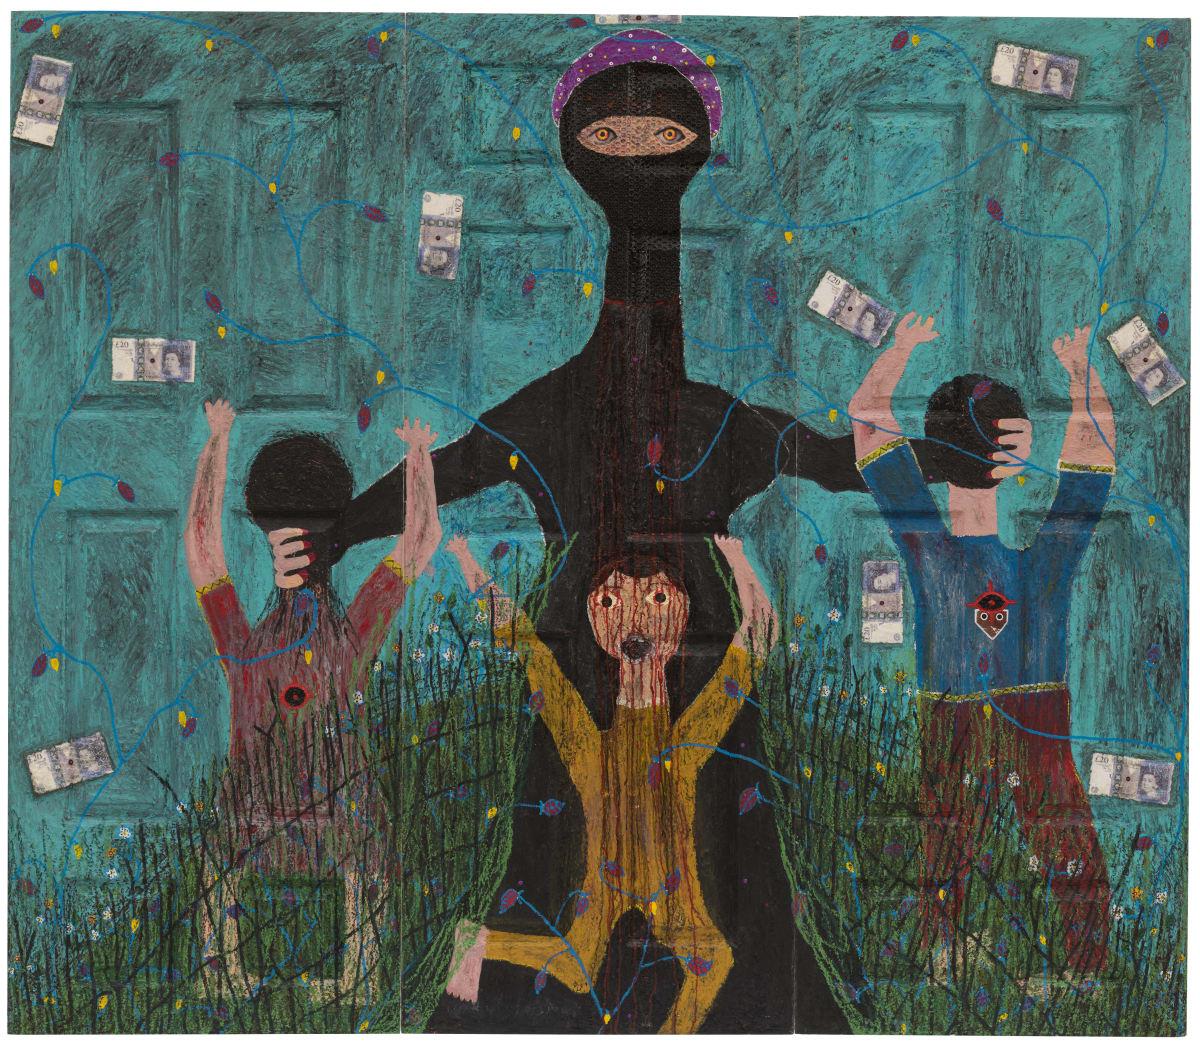 Adjani Okpu-Egbe, Syrian Civil War (Triptych), 2019